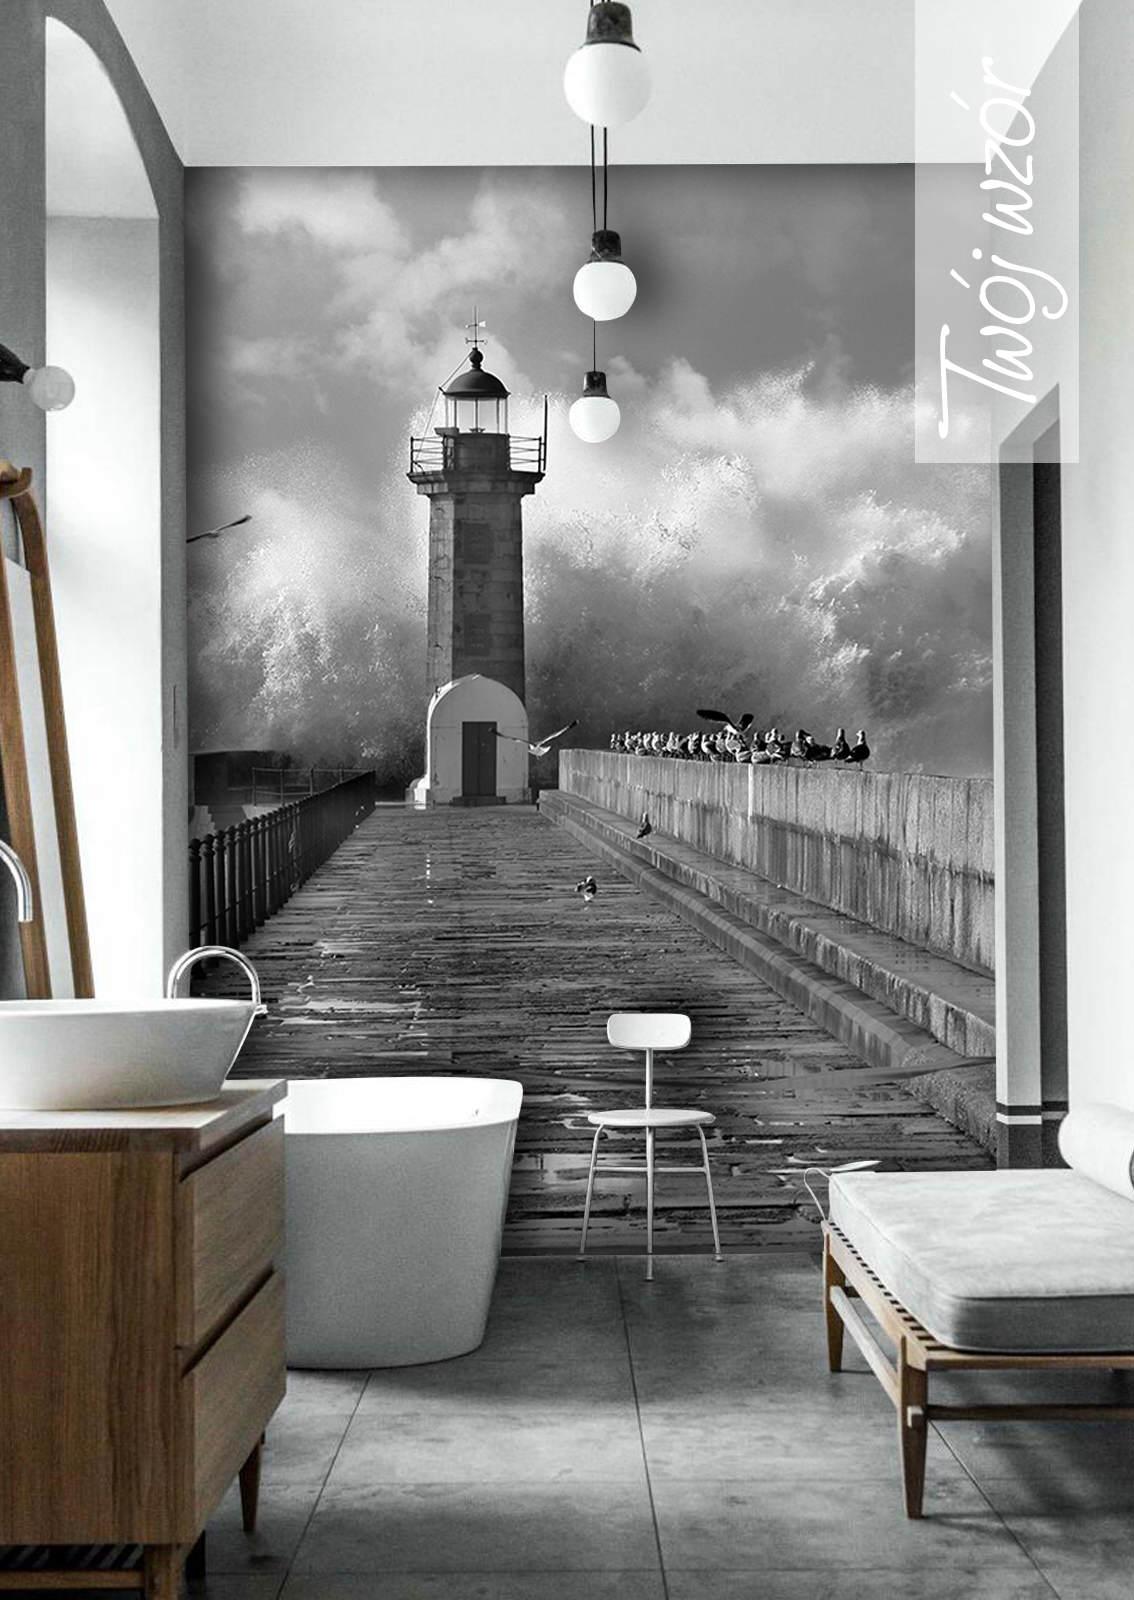 Zainspirowani Modą Na Fototapety W łazienkach Nasze Pomysły